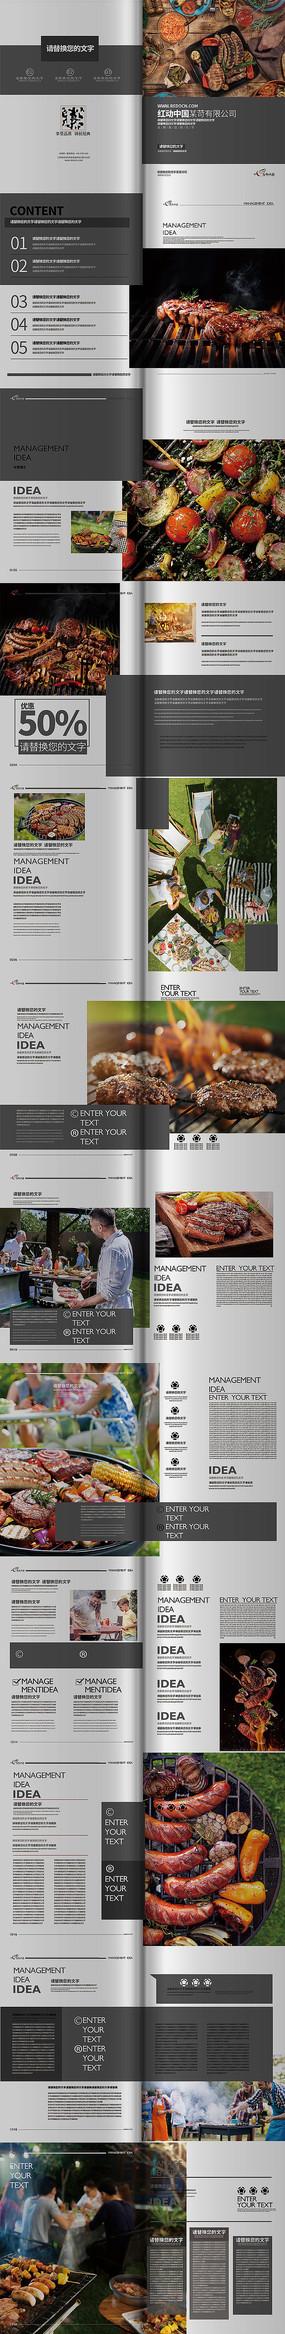 原创烧烤画册设计